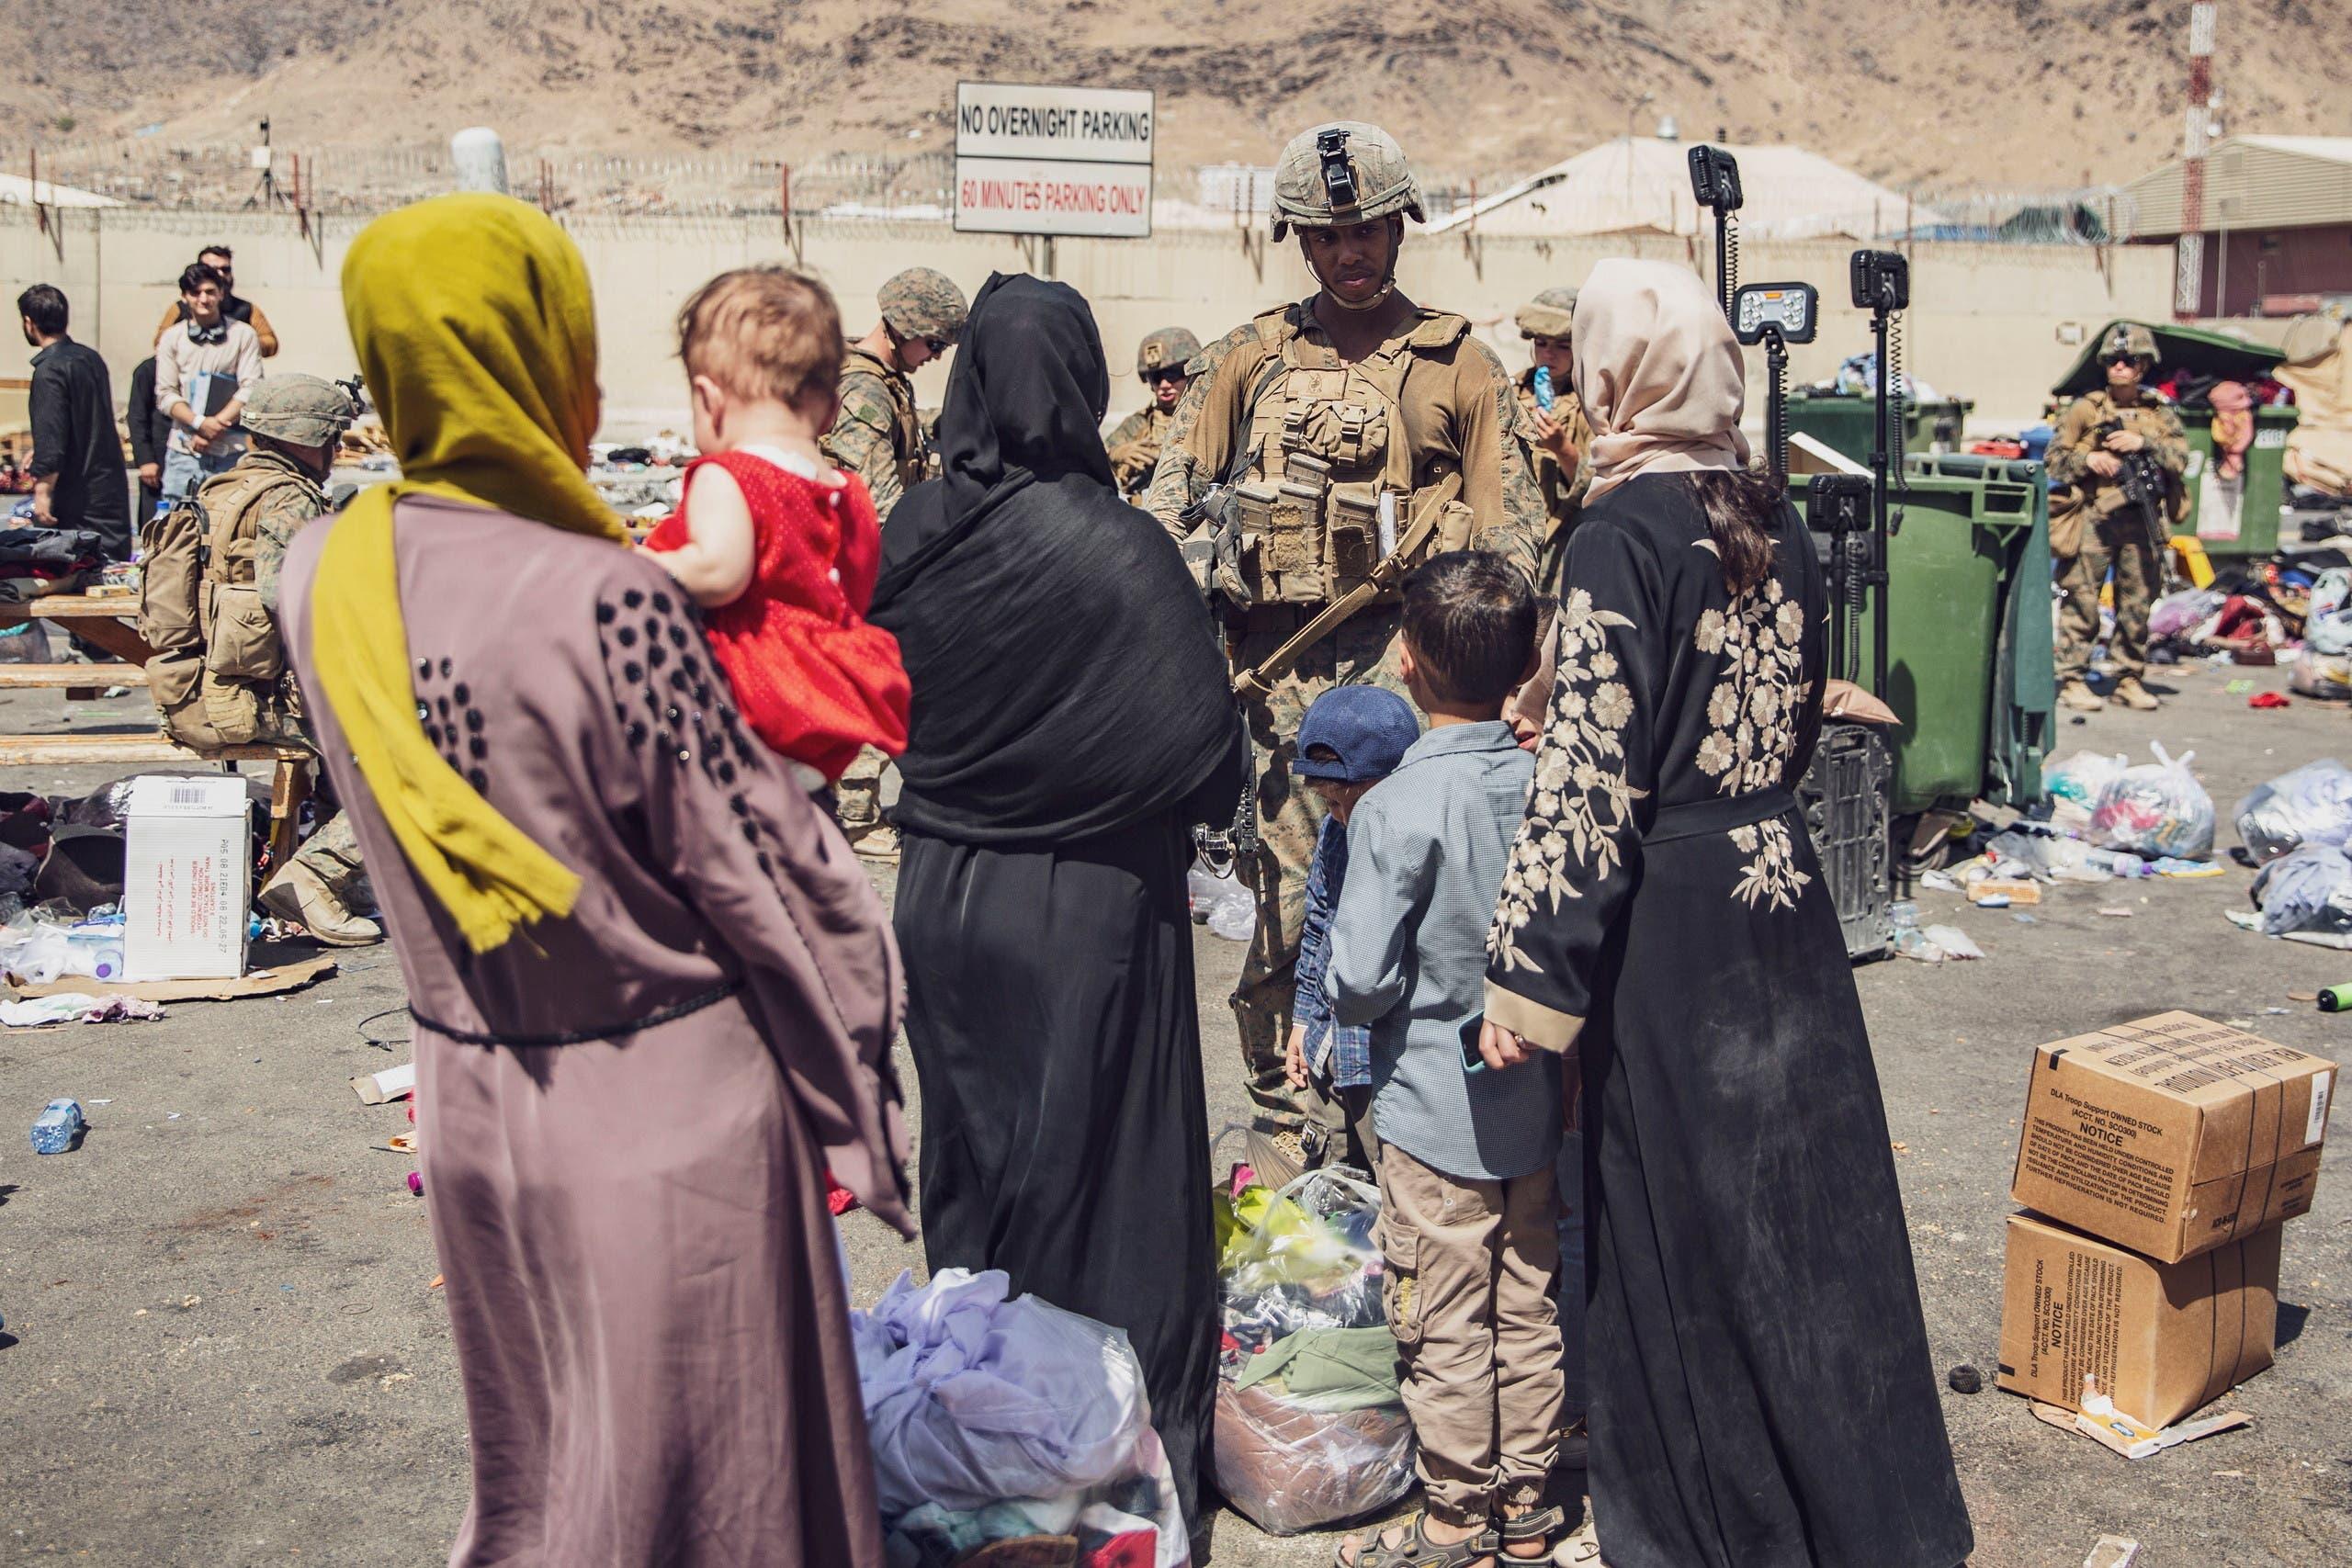 من عمليات الإجلاء التي قادها الجيش الأميركي في مطار كابل الشهر الماضي